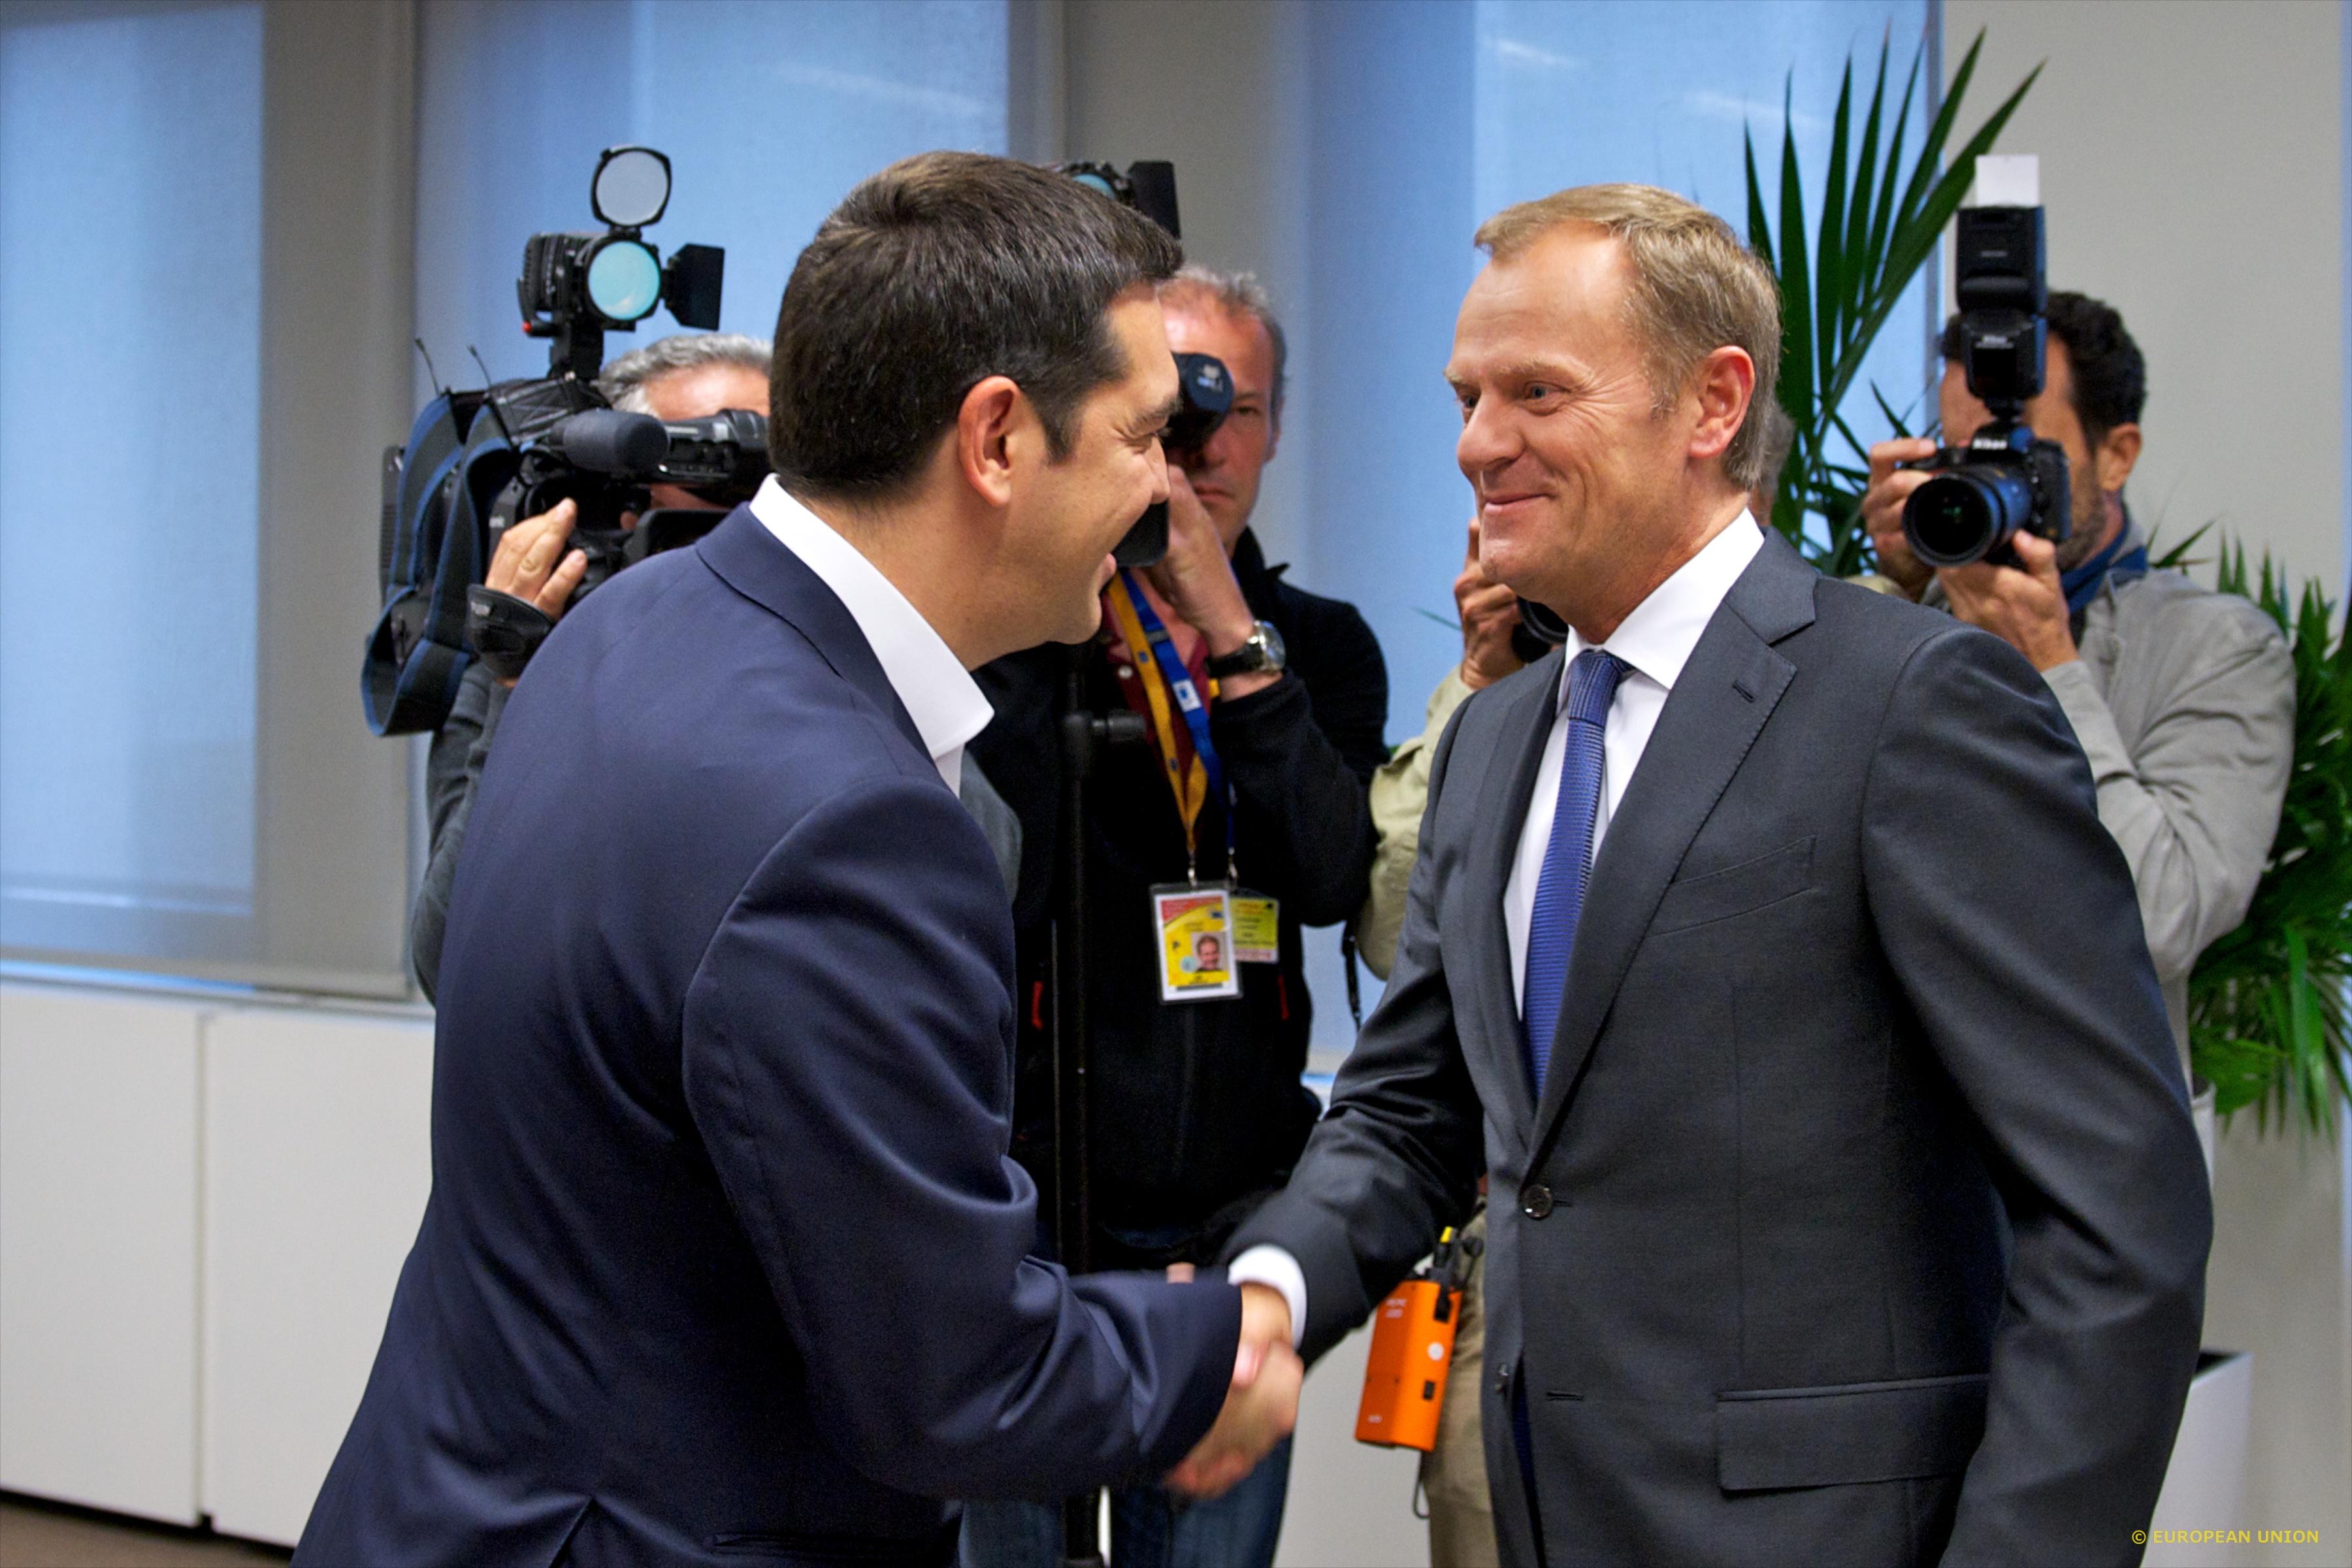 Bfafdaaed World Leaders Meet In Secret